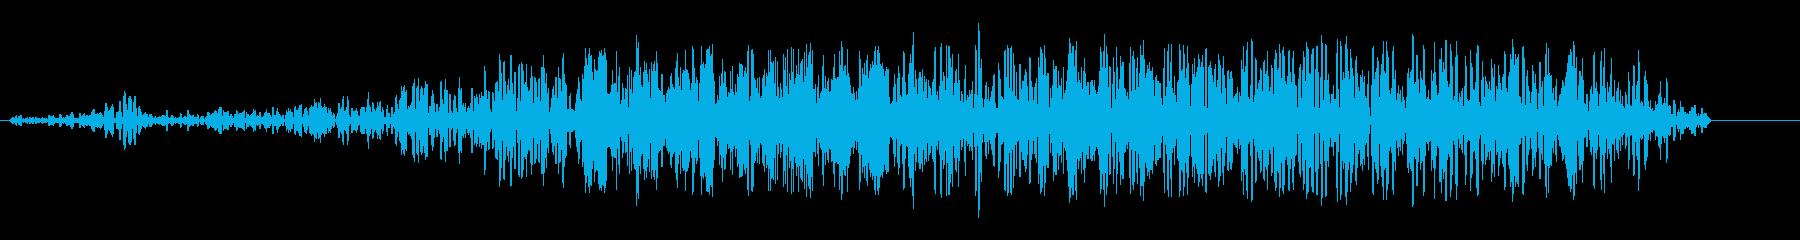 ドラッグレースのスタートのような音の再生済みの波形